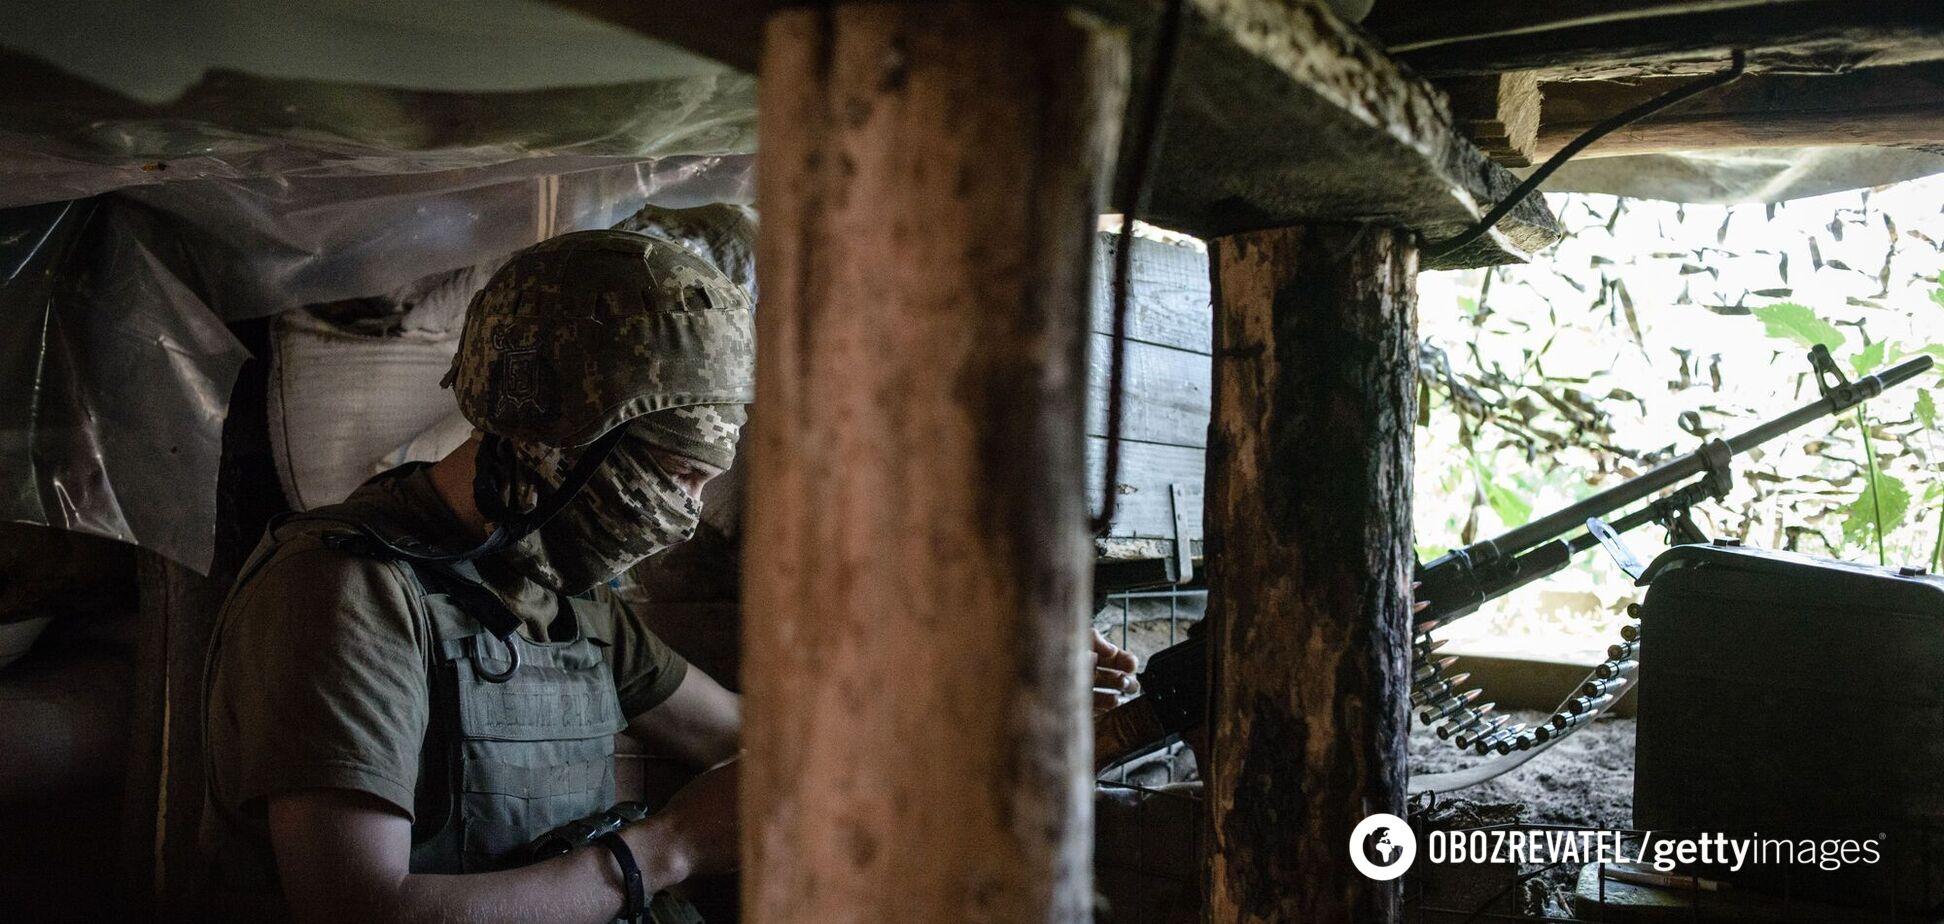 Окупанти на Донбасі посилили обстріли та зміцнювали позиції – штаб ООС